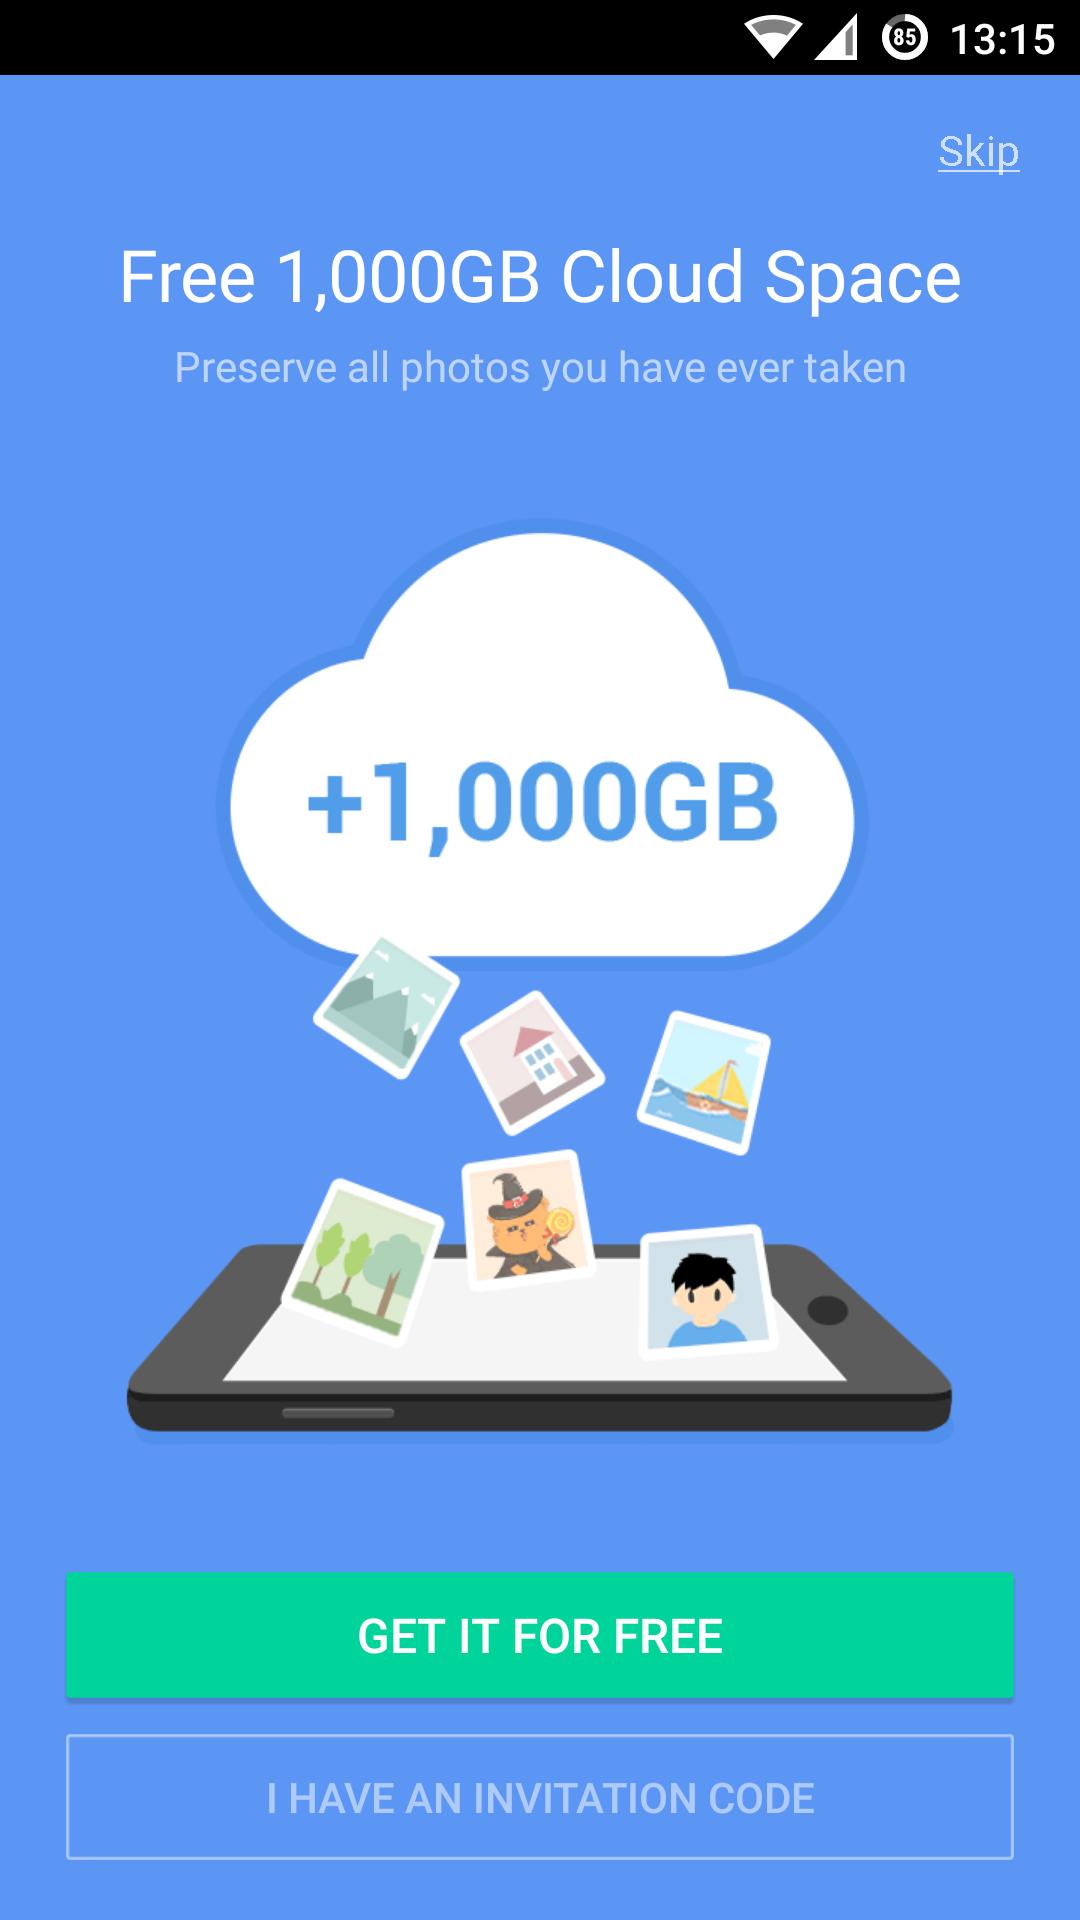 تطبيق معرض الصور QuickPic يجلب مساحة تخزين سحابية 1000GB مجانا